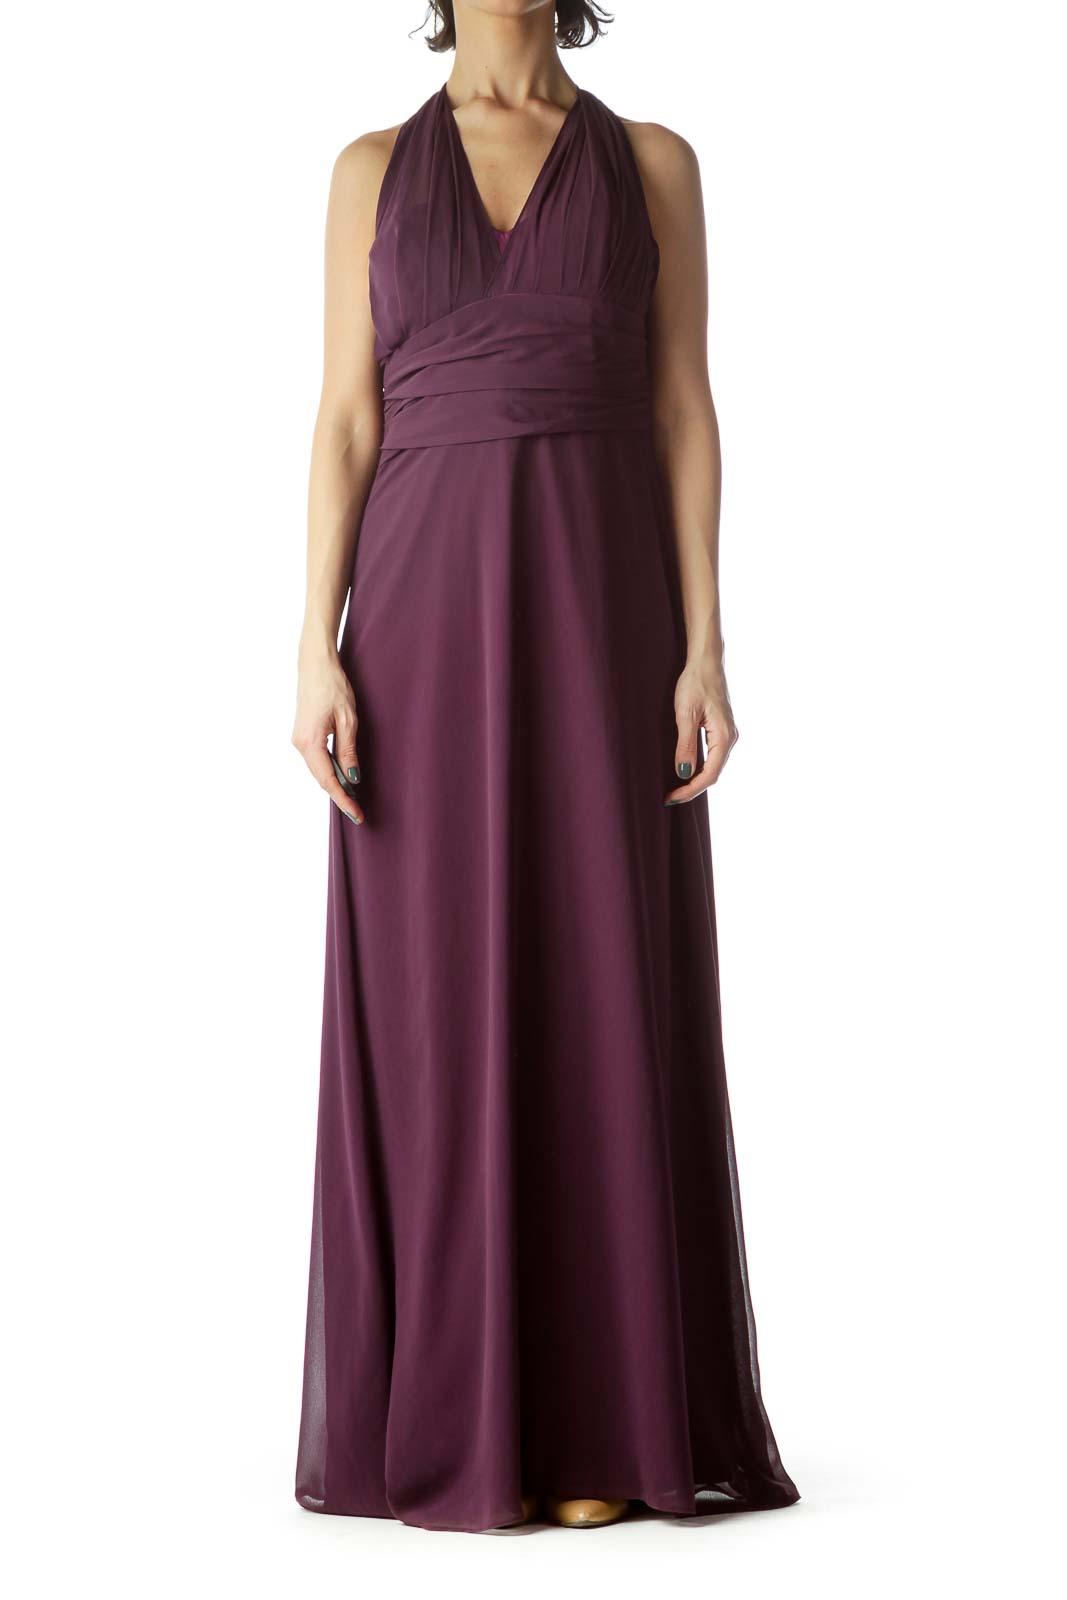 Violet V-Neck Halter Long Evening Dress